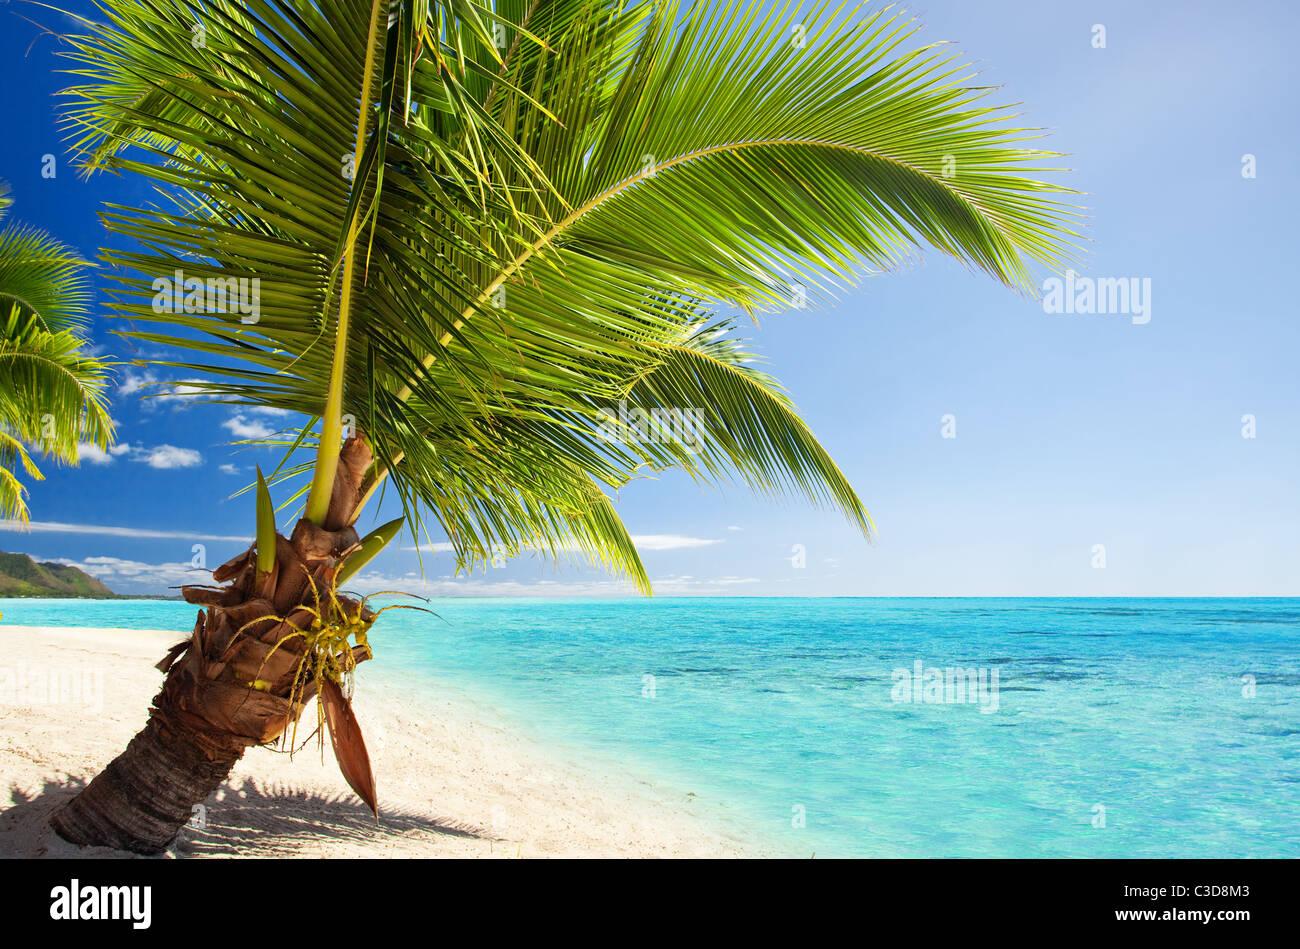 Piccolo albero di palme che pende sulla straordinaria laguna blu Immagini Stock